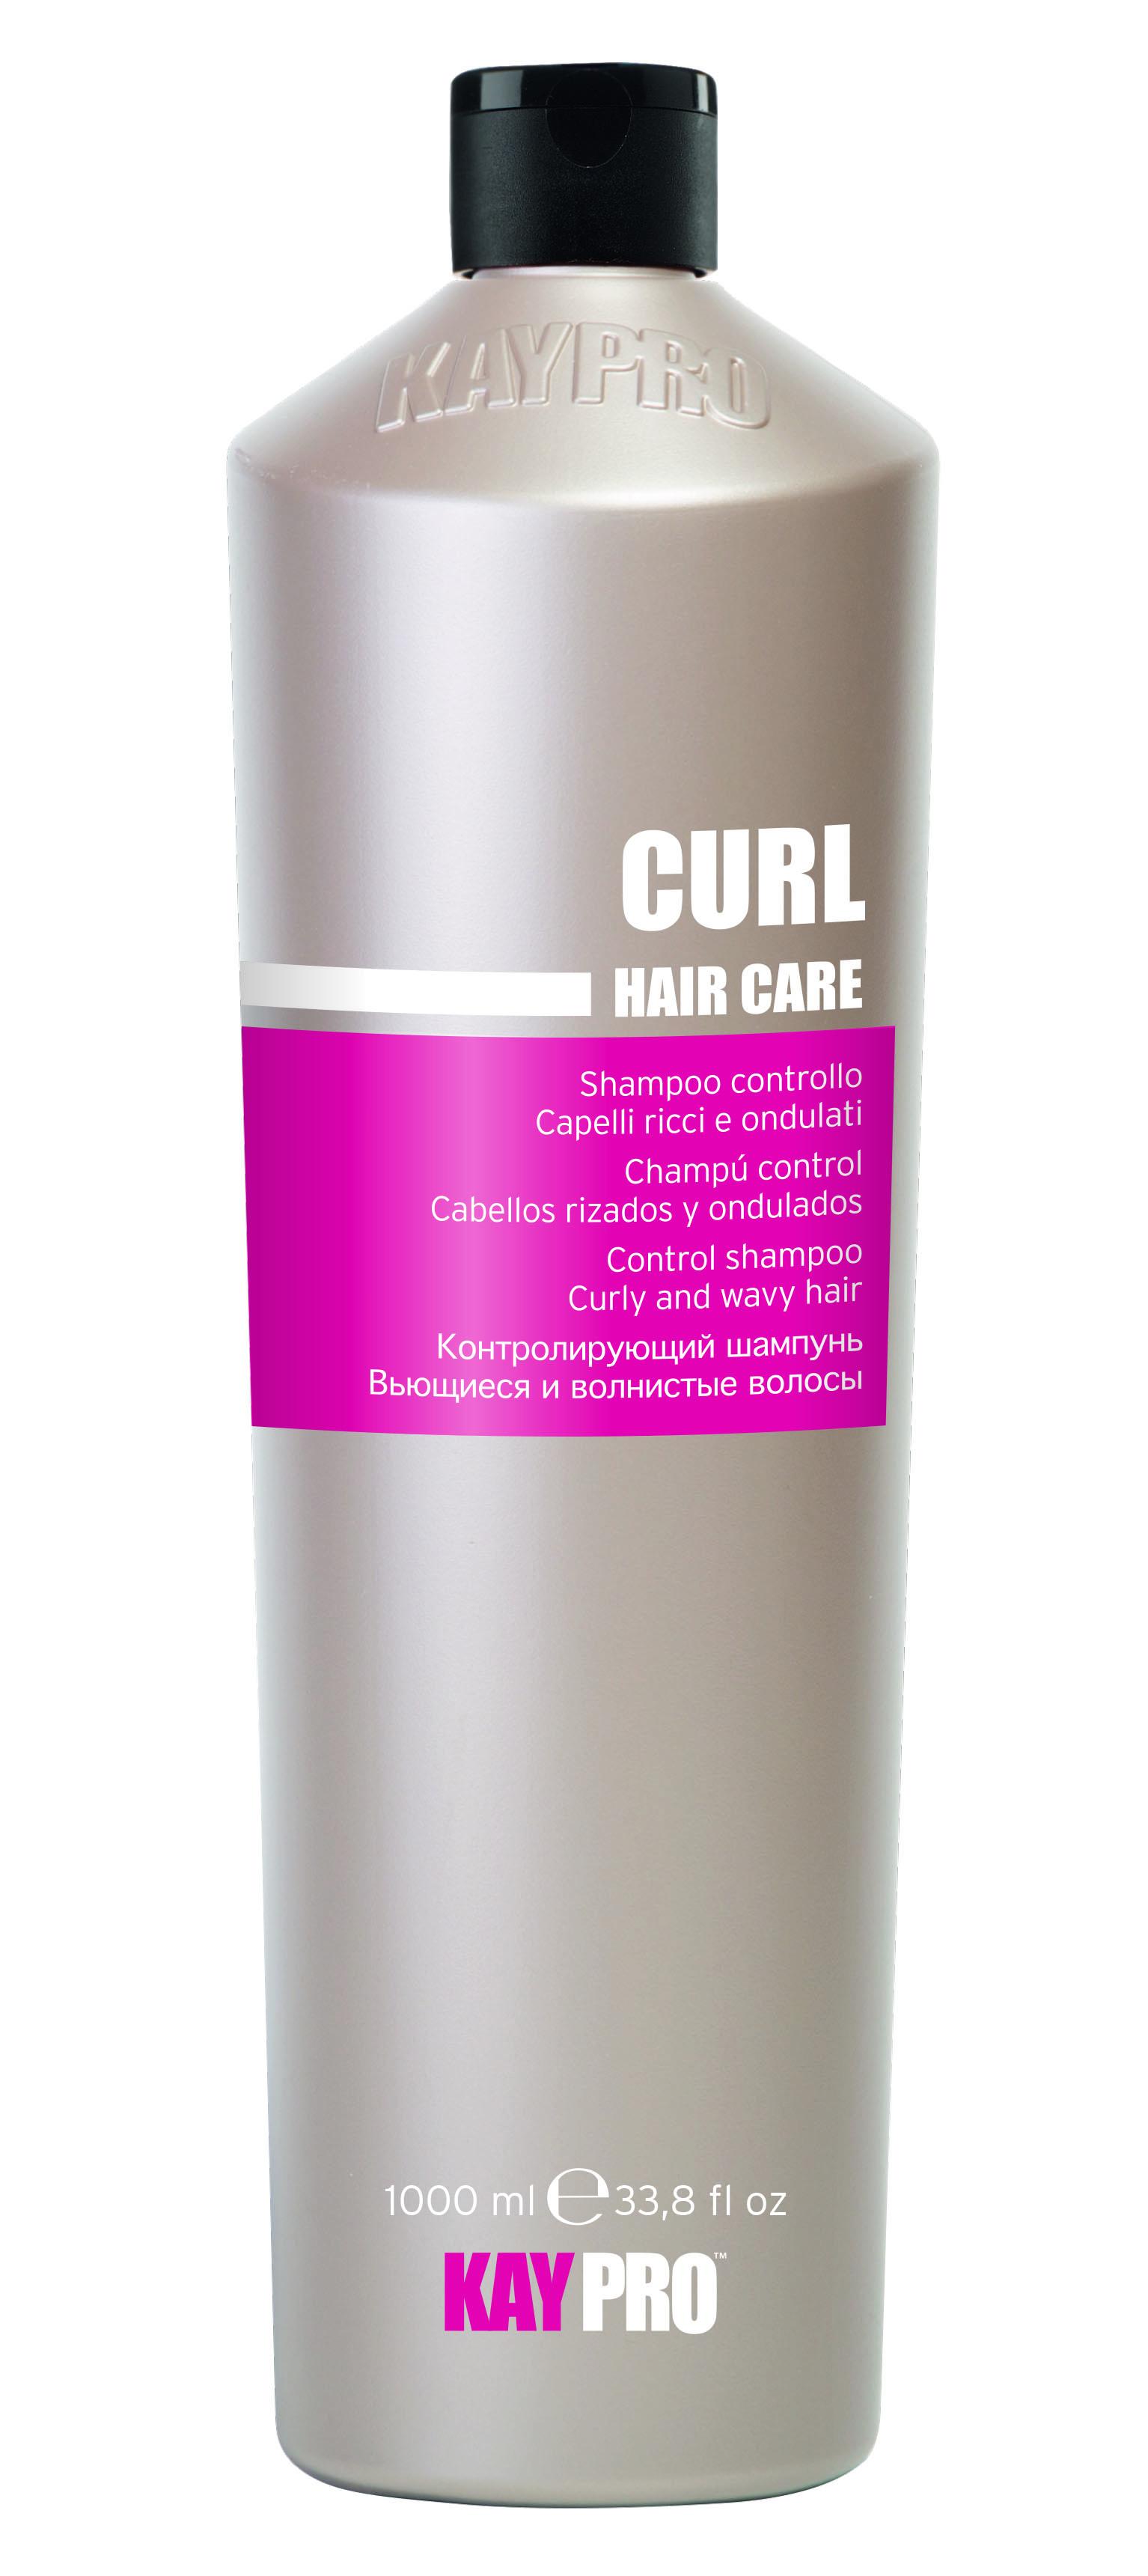 KAYPRO Шампунь контролирующий завиток / KAYPRO 1000млШампуни<br>ШАМПУНЬ ДЛЯ ВЬЮЩИХСЯ И ВОЛНИСТЫХ ВОЛОС. Формула с мёдом и витаминным комплексом деликатно очищает вьющиеся и волнистые волосы, увлажняет их и придает эластичность. Оказывает дисциплинирующее действие, гарантируя контроль и форму, обволакивая волос защитной пленкой придающей блеск. Активные ингредиенты: экстракт мёда и витаминный комплекс. Способ применения: нанести на влажные волосы, помассировать, после чего смыть водой.<br><br>Объем: 1000 мл<br>Типы волос: Кудрявые